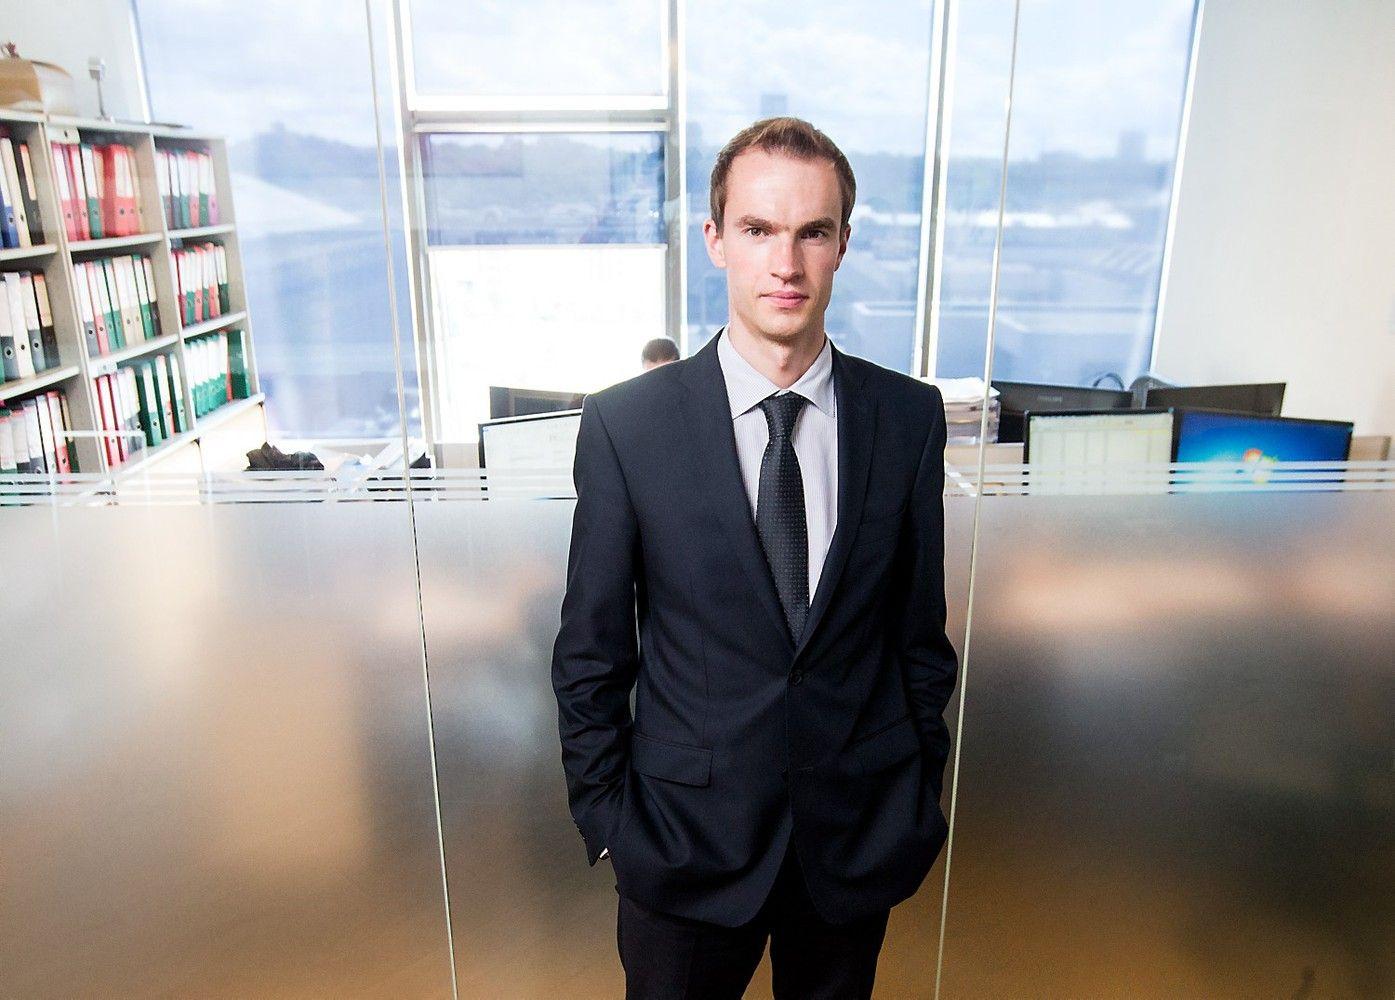 Šiaulių bankas grįžo pardavinėti Šiaulių banko